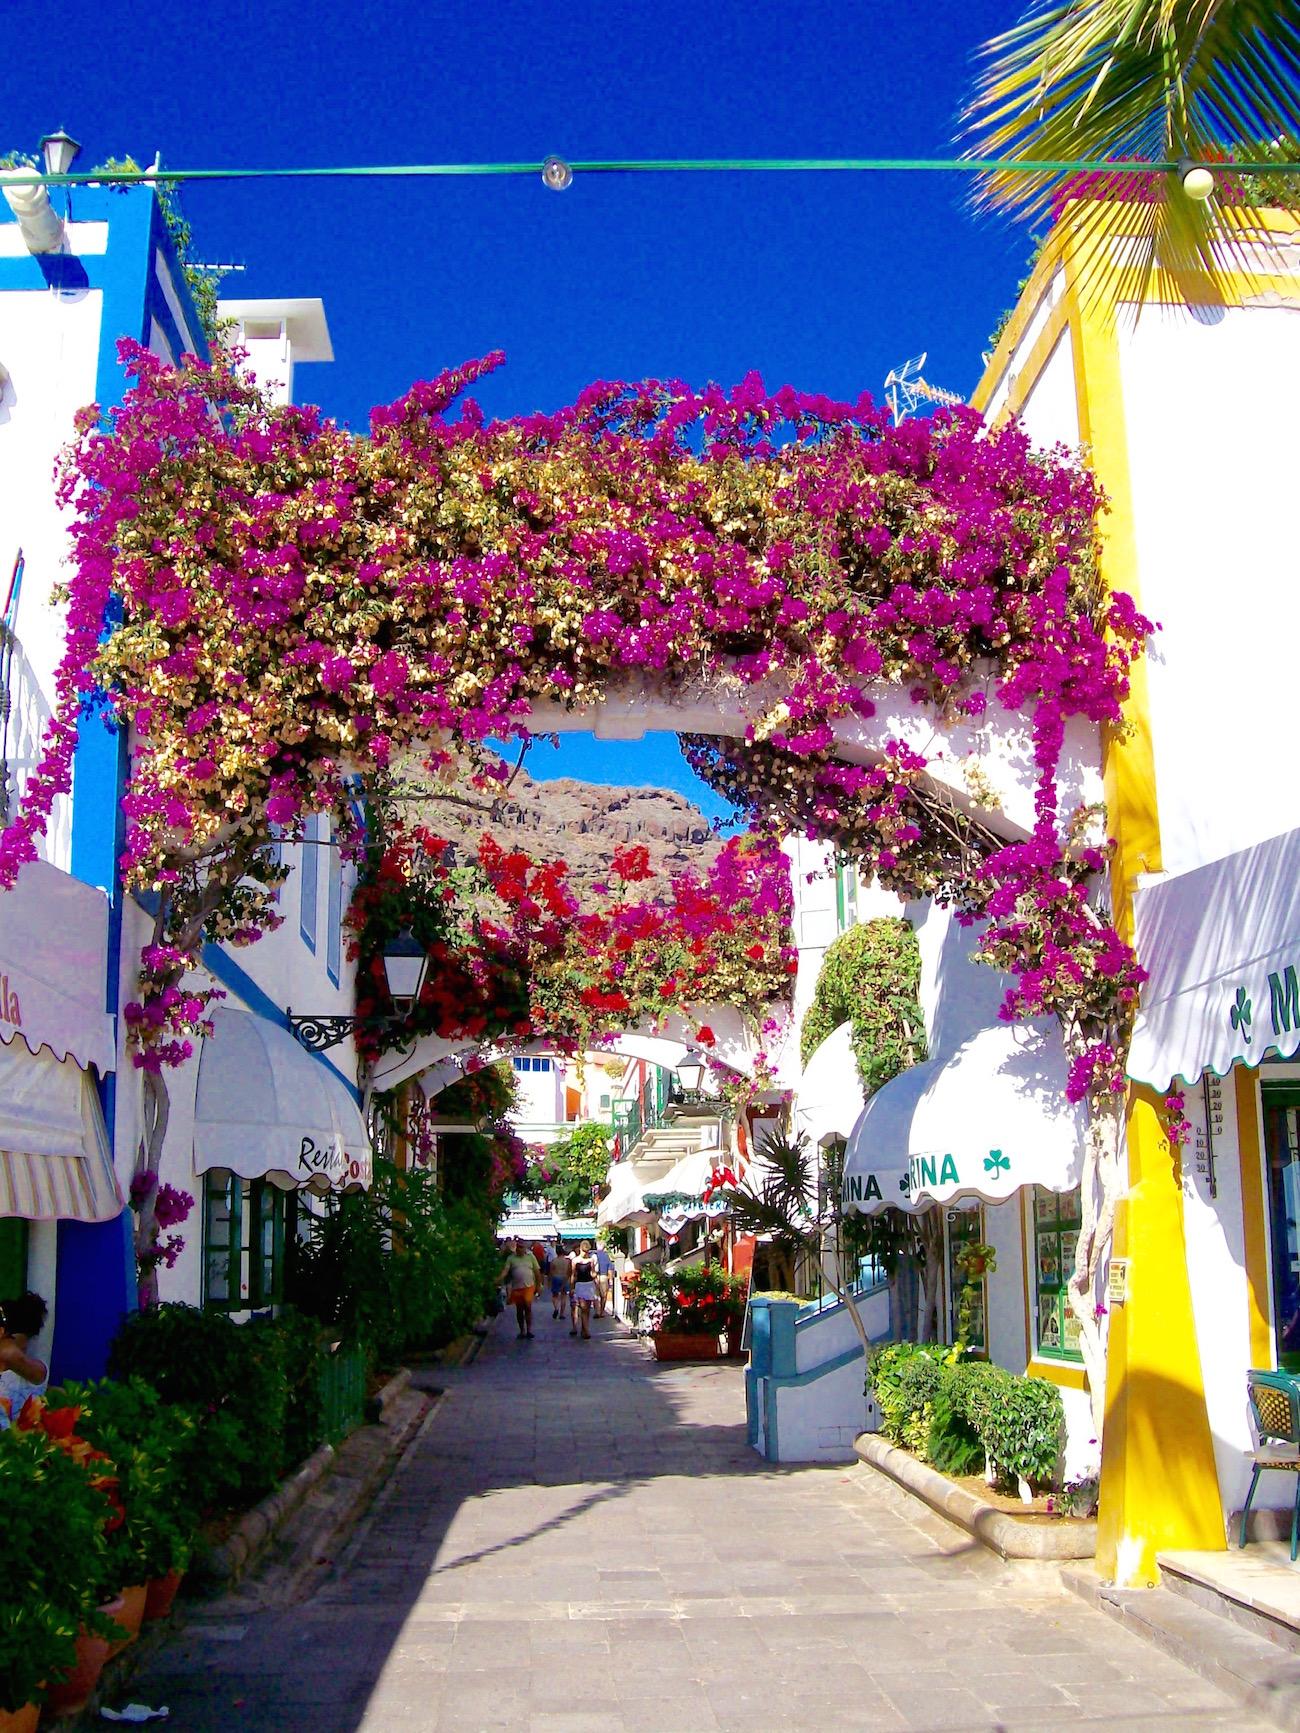 Romantisches Fotomotiv auf Gran Canaria: Puerto de Mogan